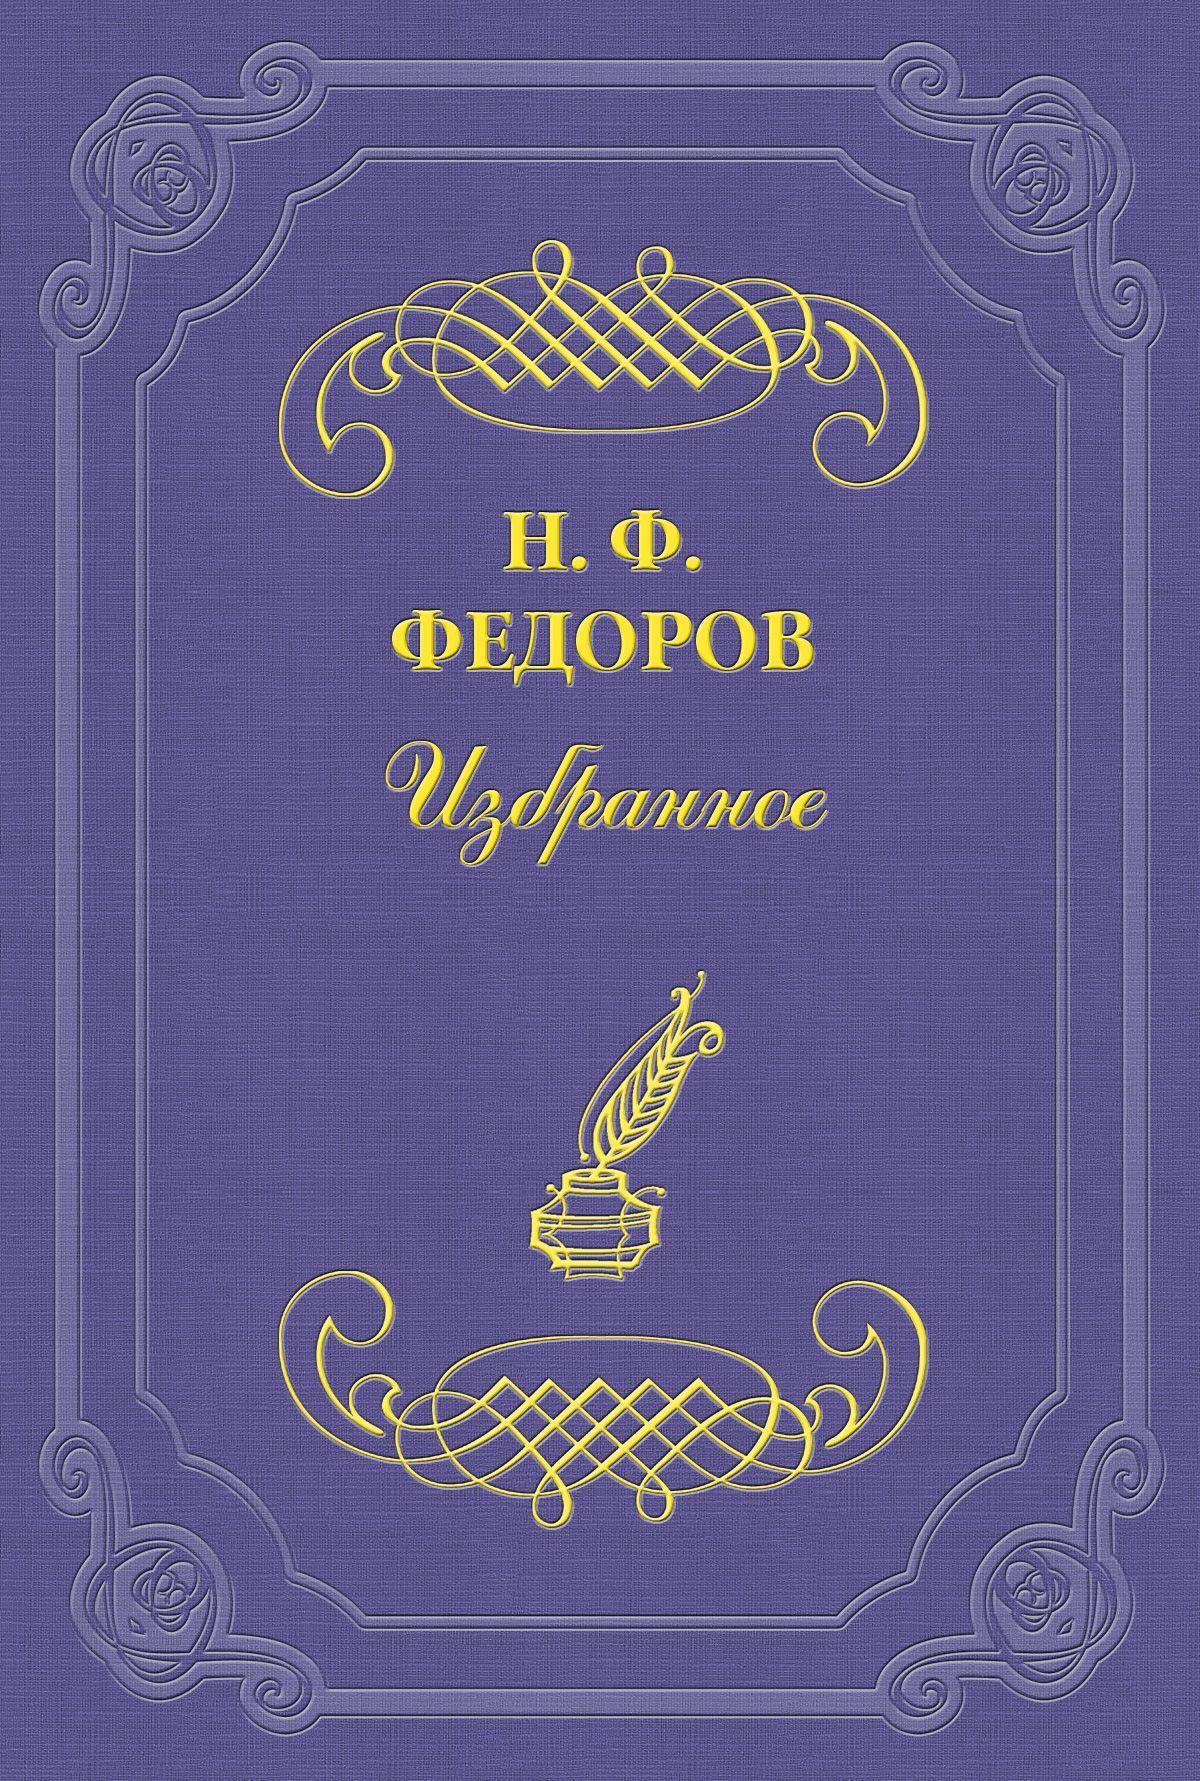 цена Николай Федоров Мировая трагедия